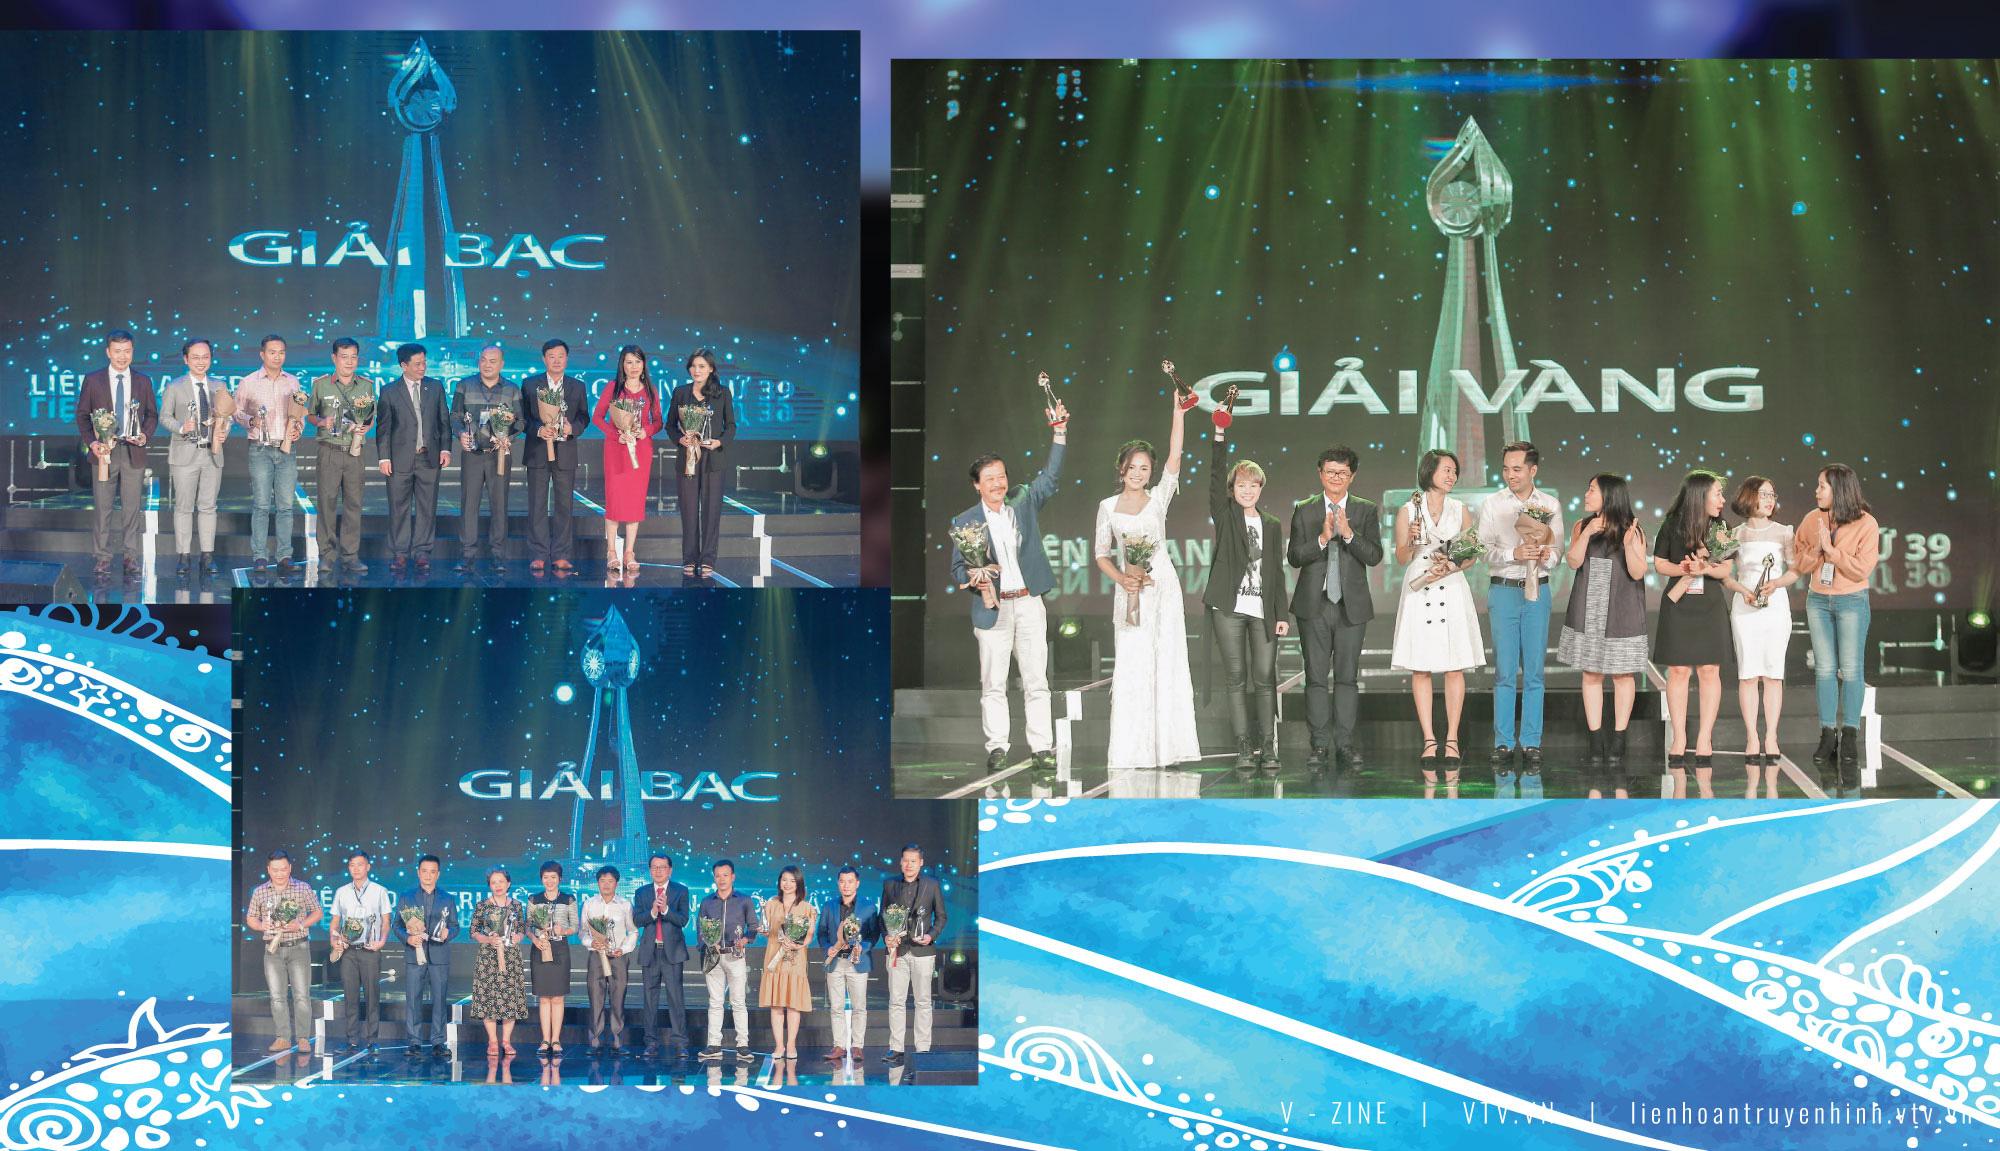 Liên hoan Truyền hình toàn quốc lần thứ 39: Ngày hội sôi động, ghi dấu mốc ý nghĩa tại thành phố biển Nha Trang - Ảnh 4.